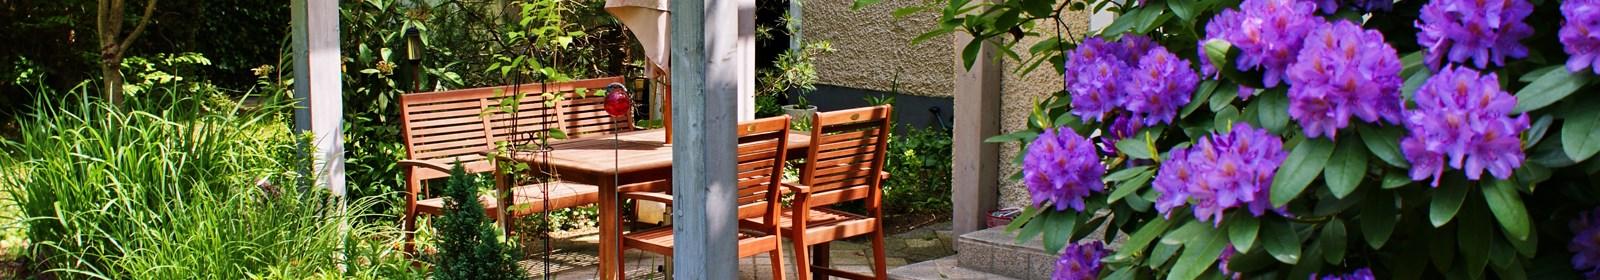 Versatile ideas for outdoor living zones